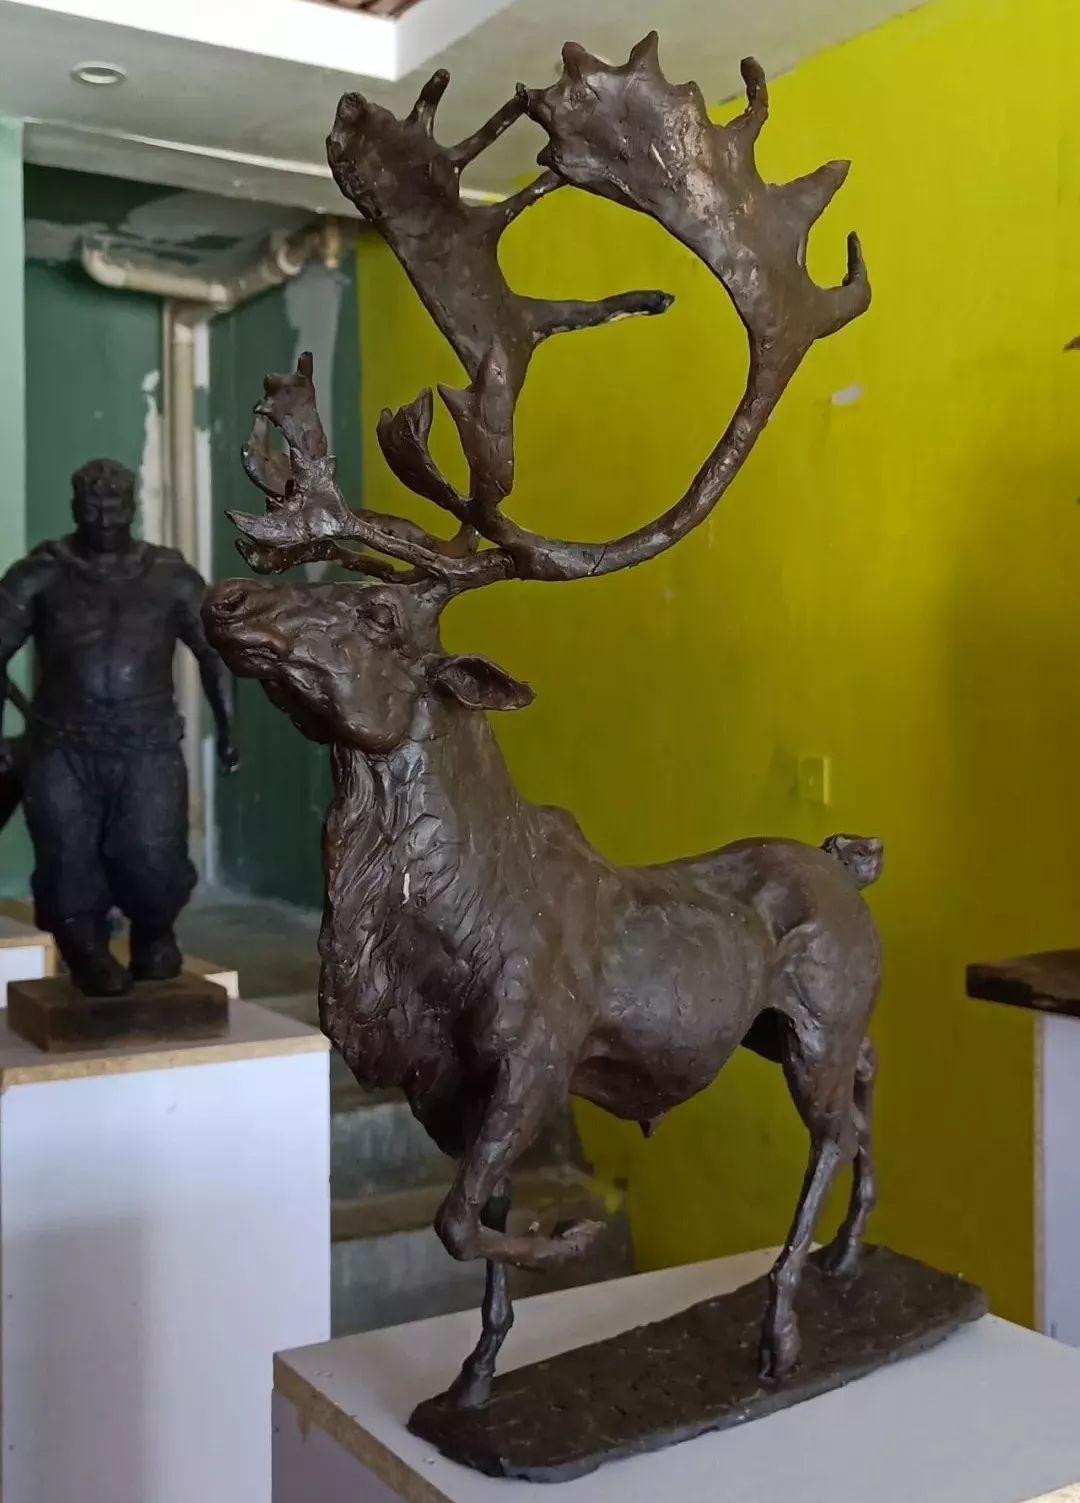 【头条】蒙古族小伙用雕塑艺术创作出个性作品 第14张 【头条】蒙古族小伙用雕塑艺术创作出个性作品 蒙古画廊